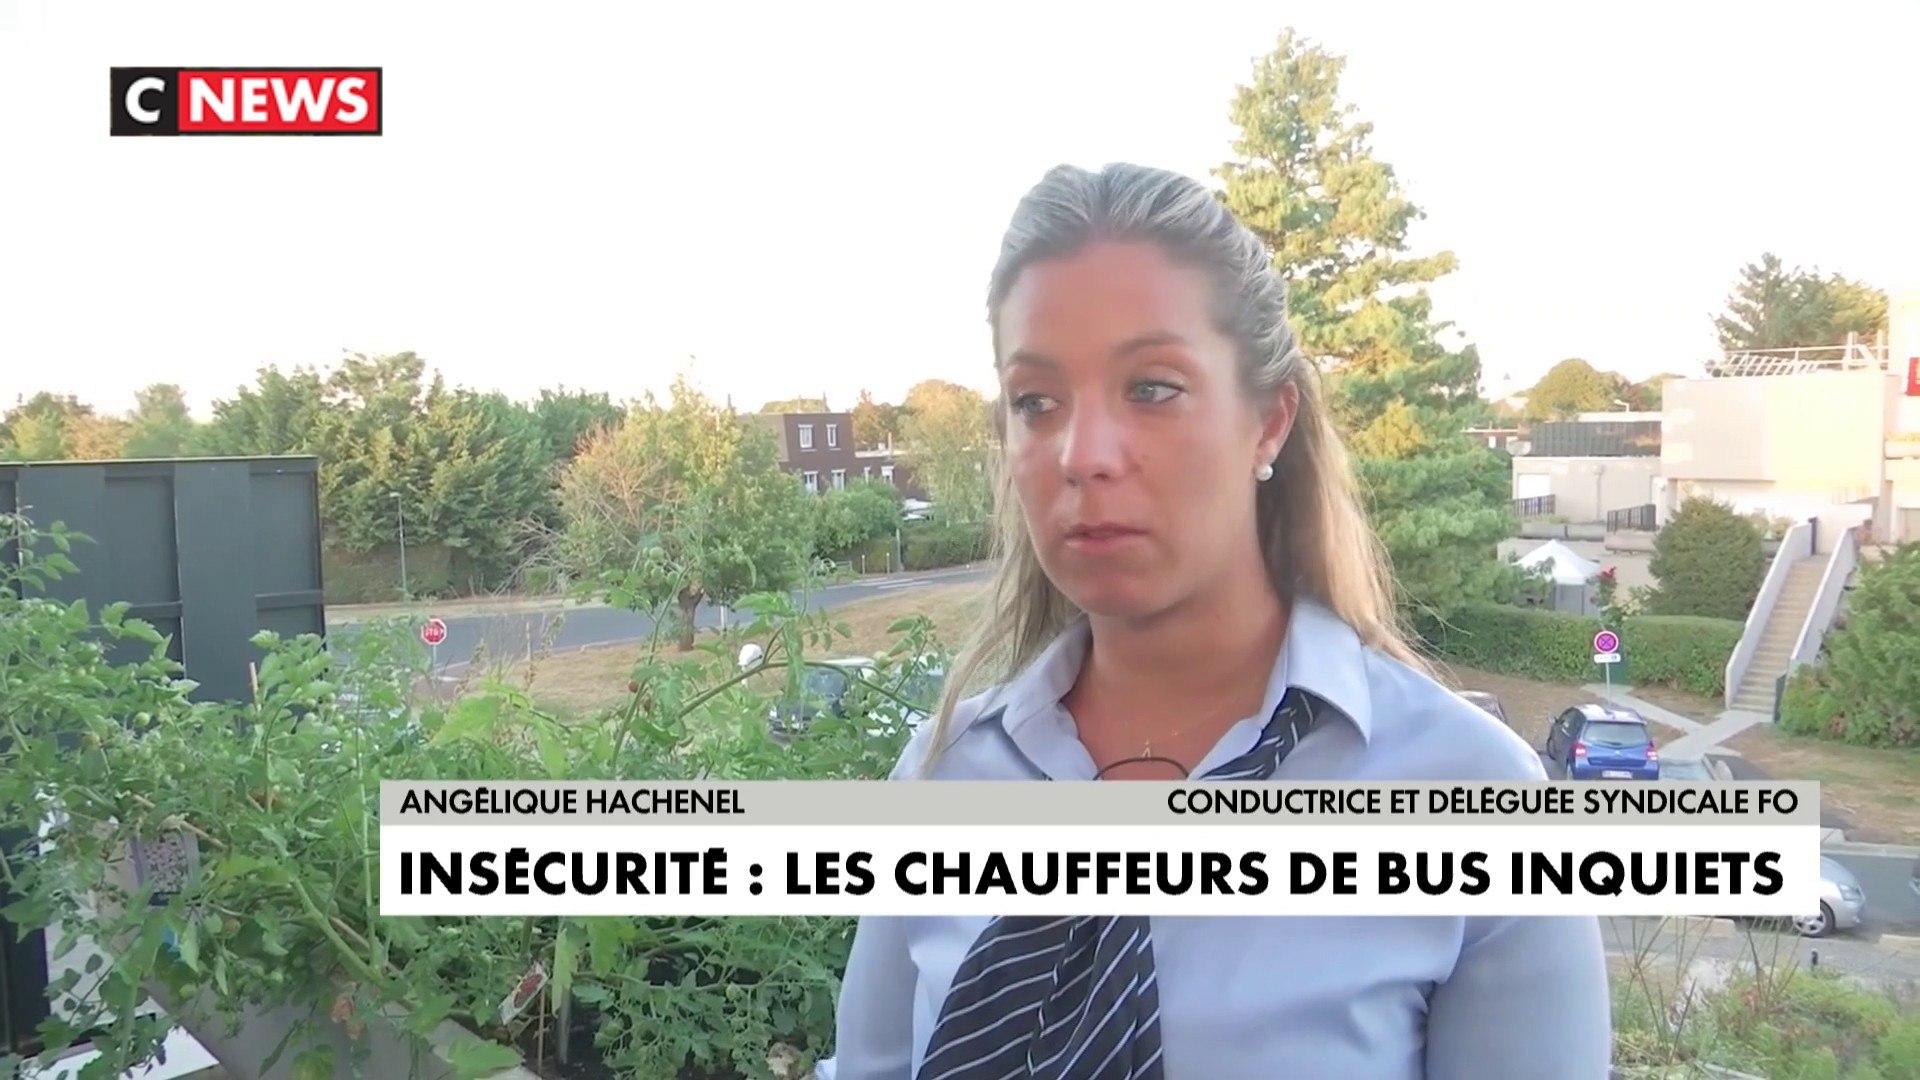 Insécurité : les chauffeurs de bus inquiets